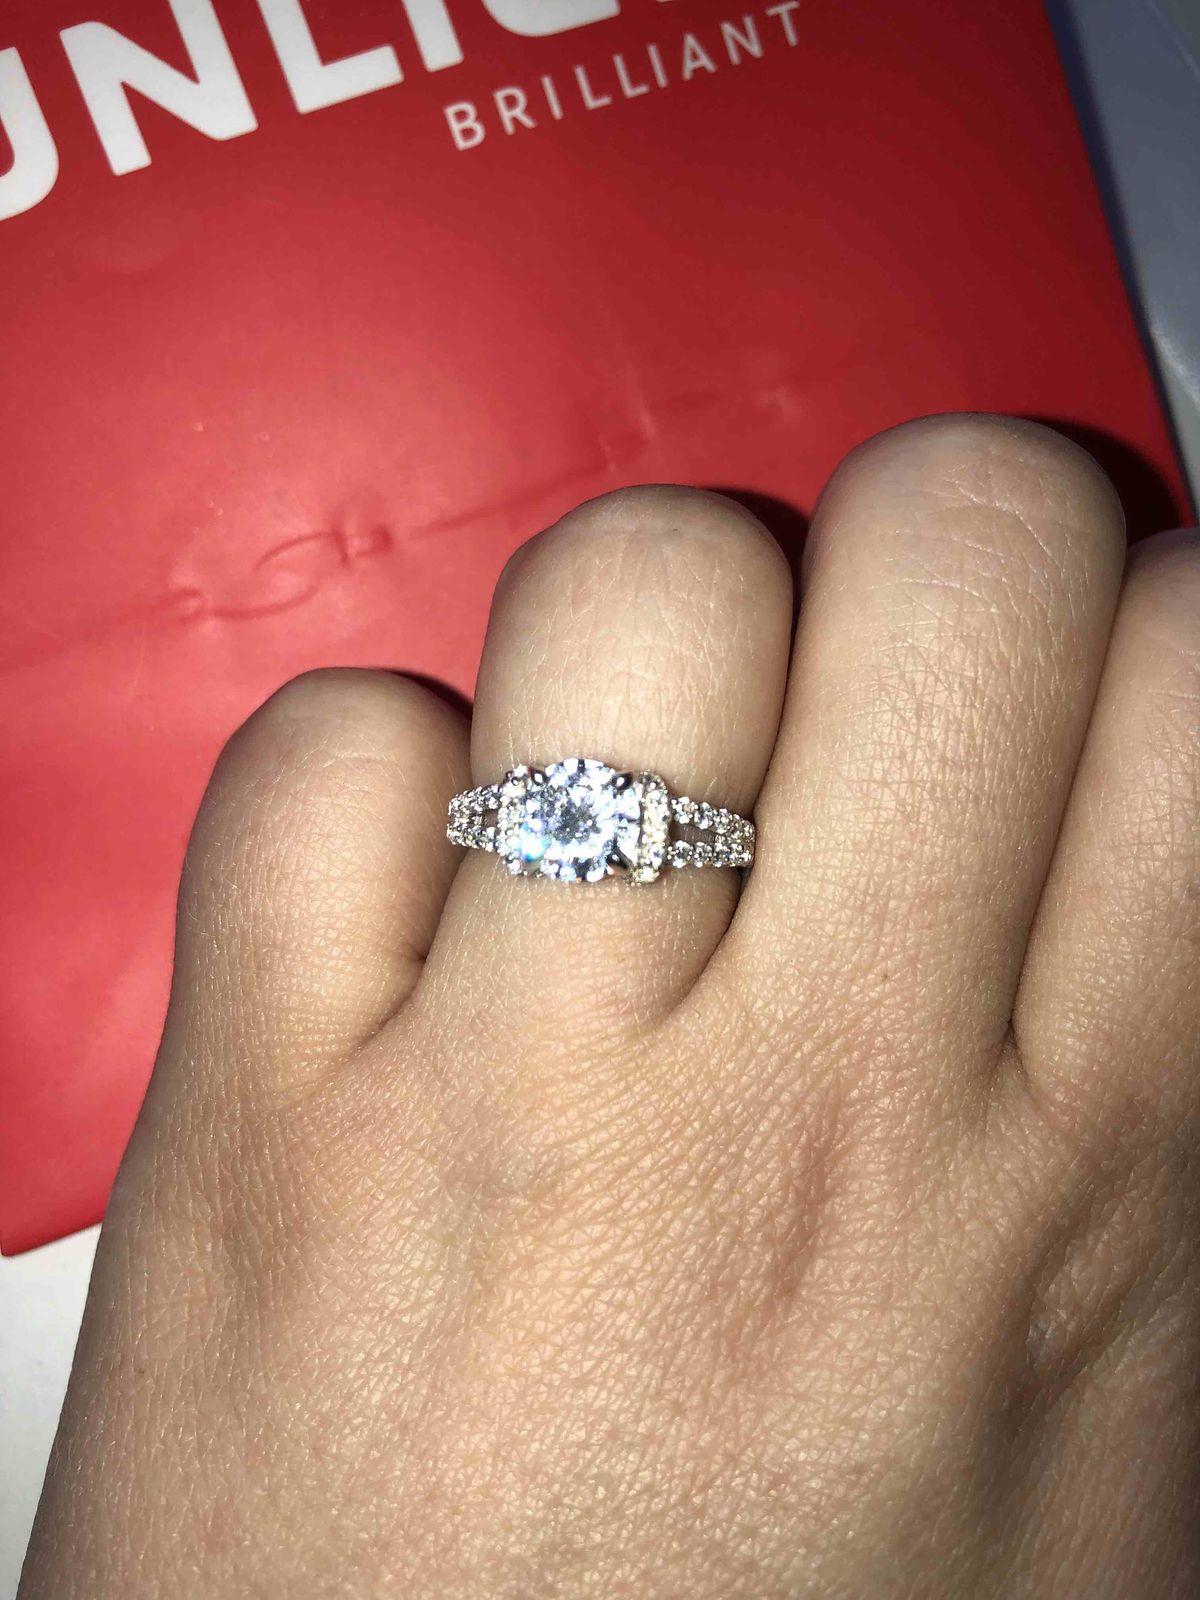 Изумительно красивое кольцо с камнями из серебра для себя красивой Илюбимой